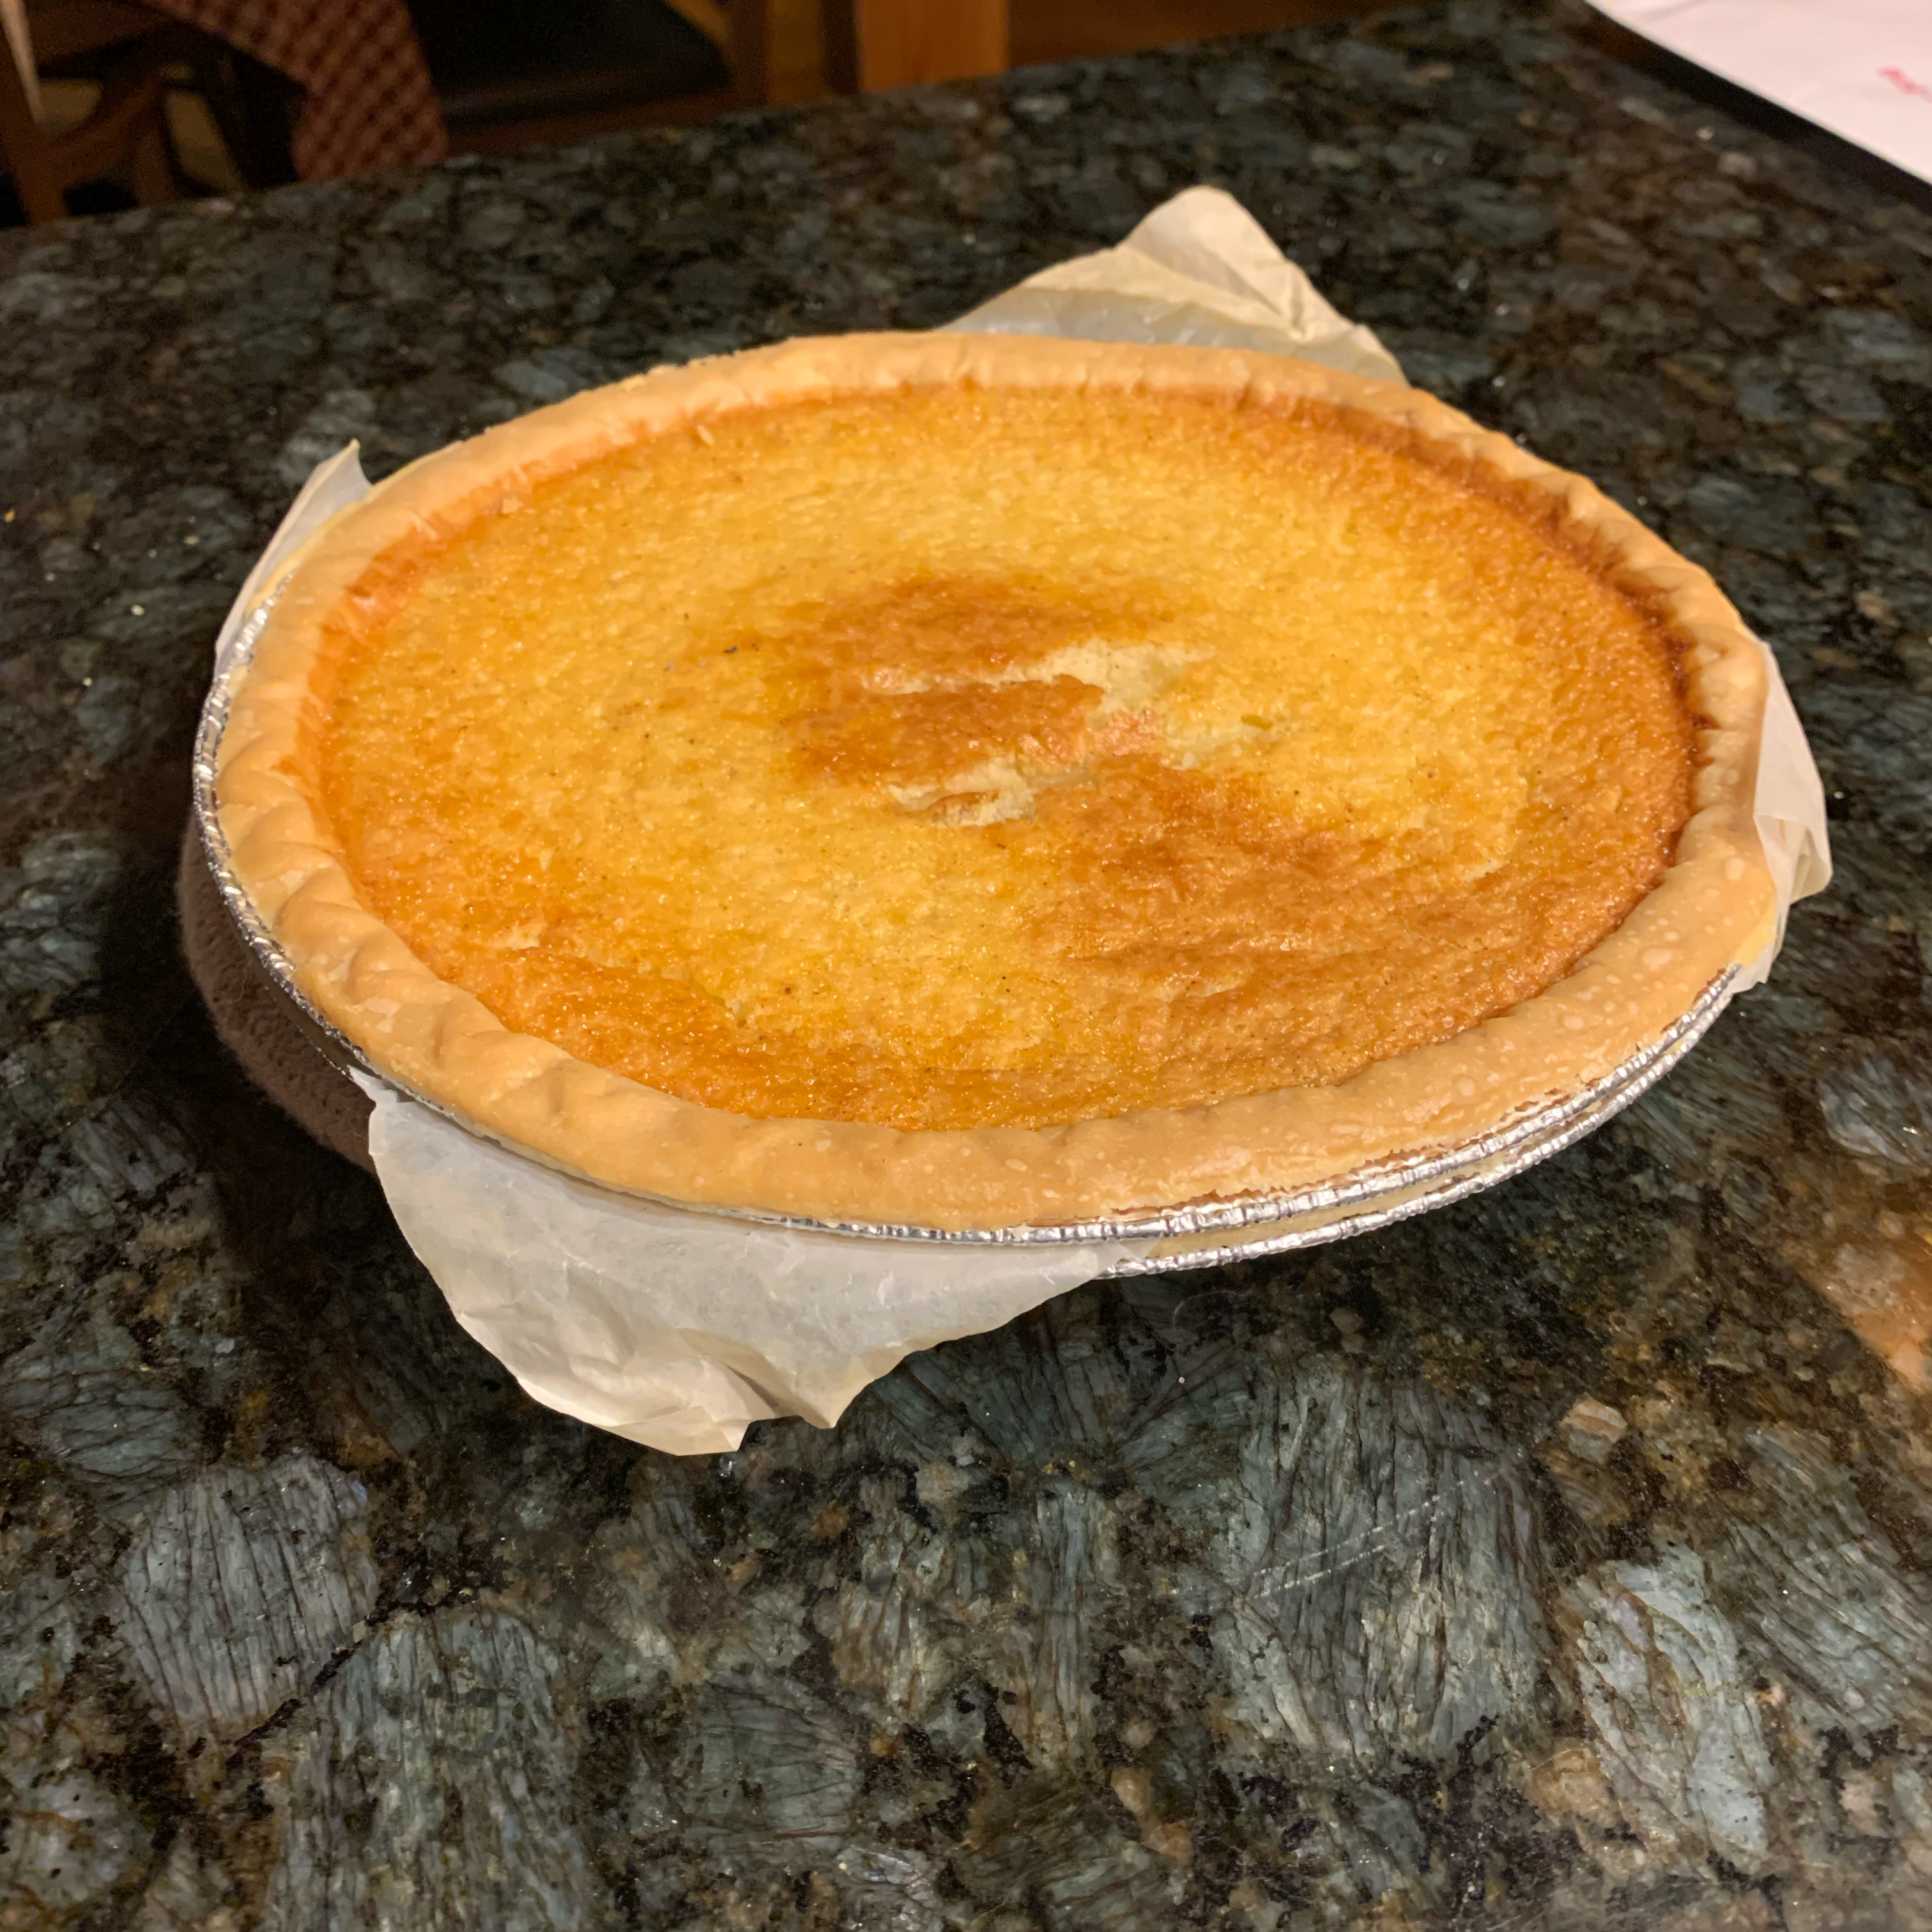 Chef John's Buttermilk Pie